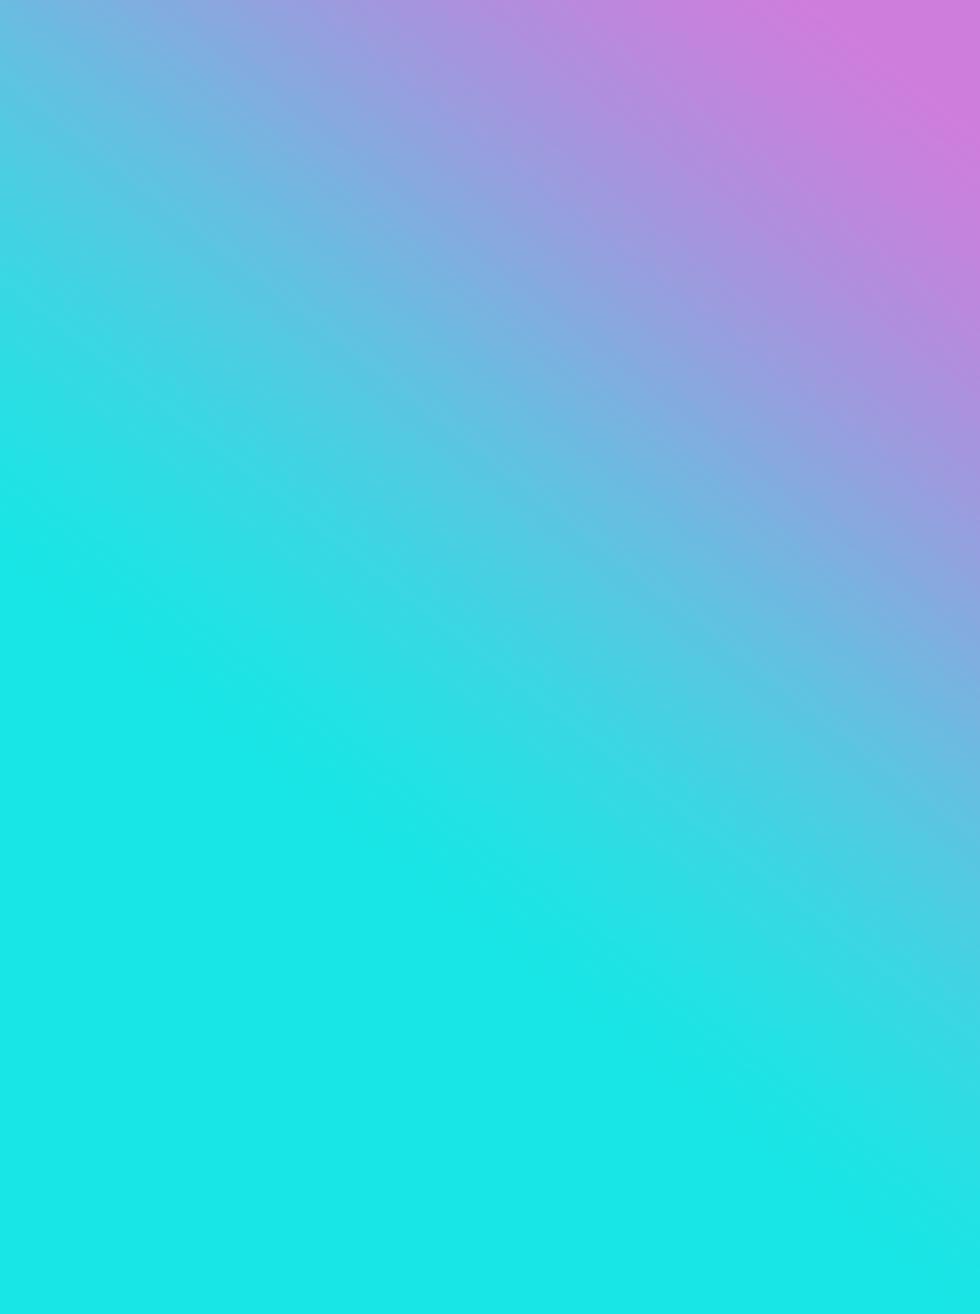 top_blue_bg.png